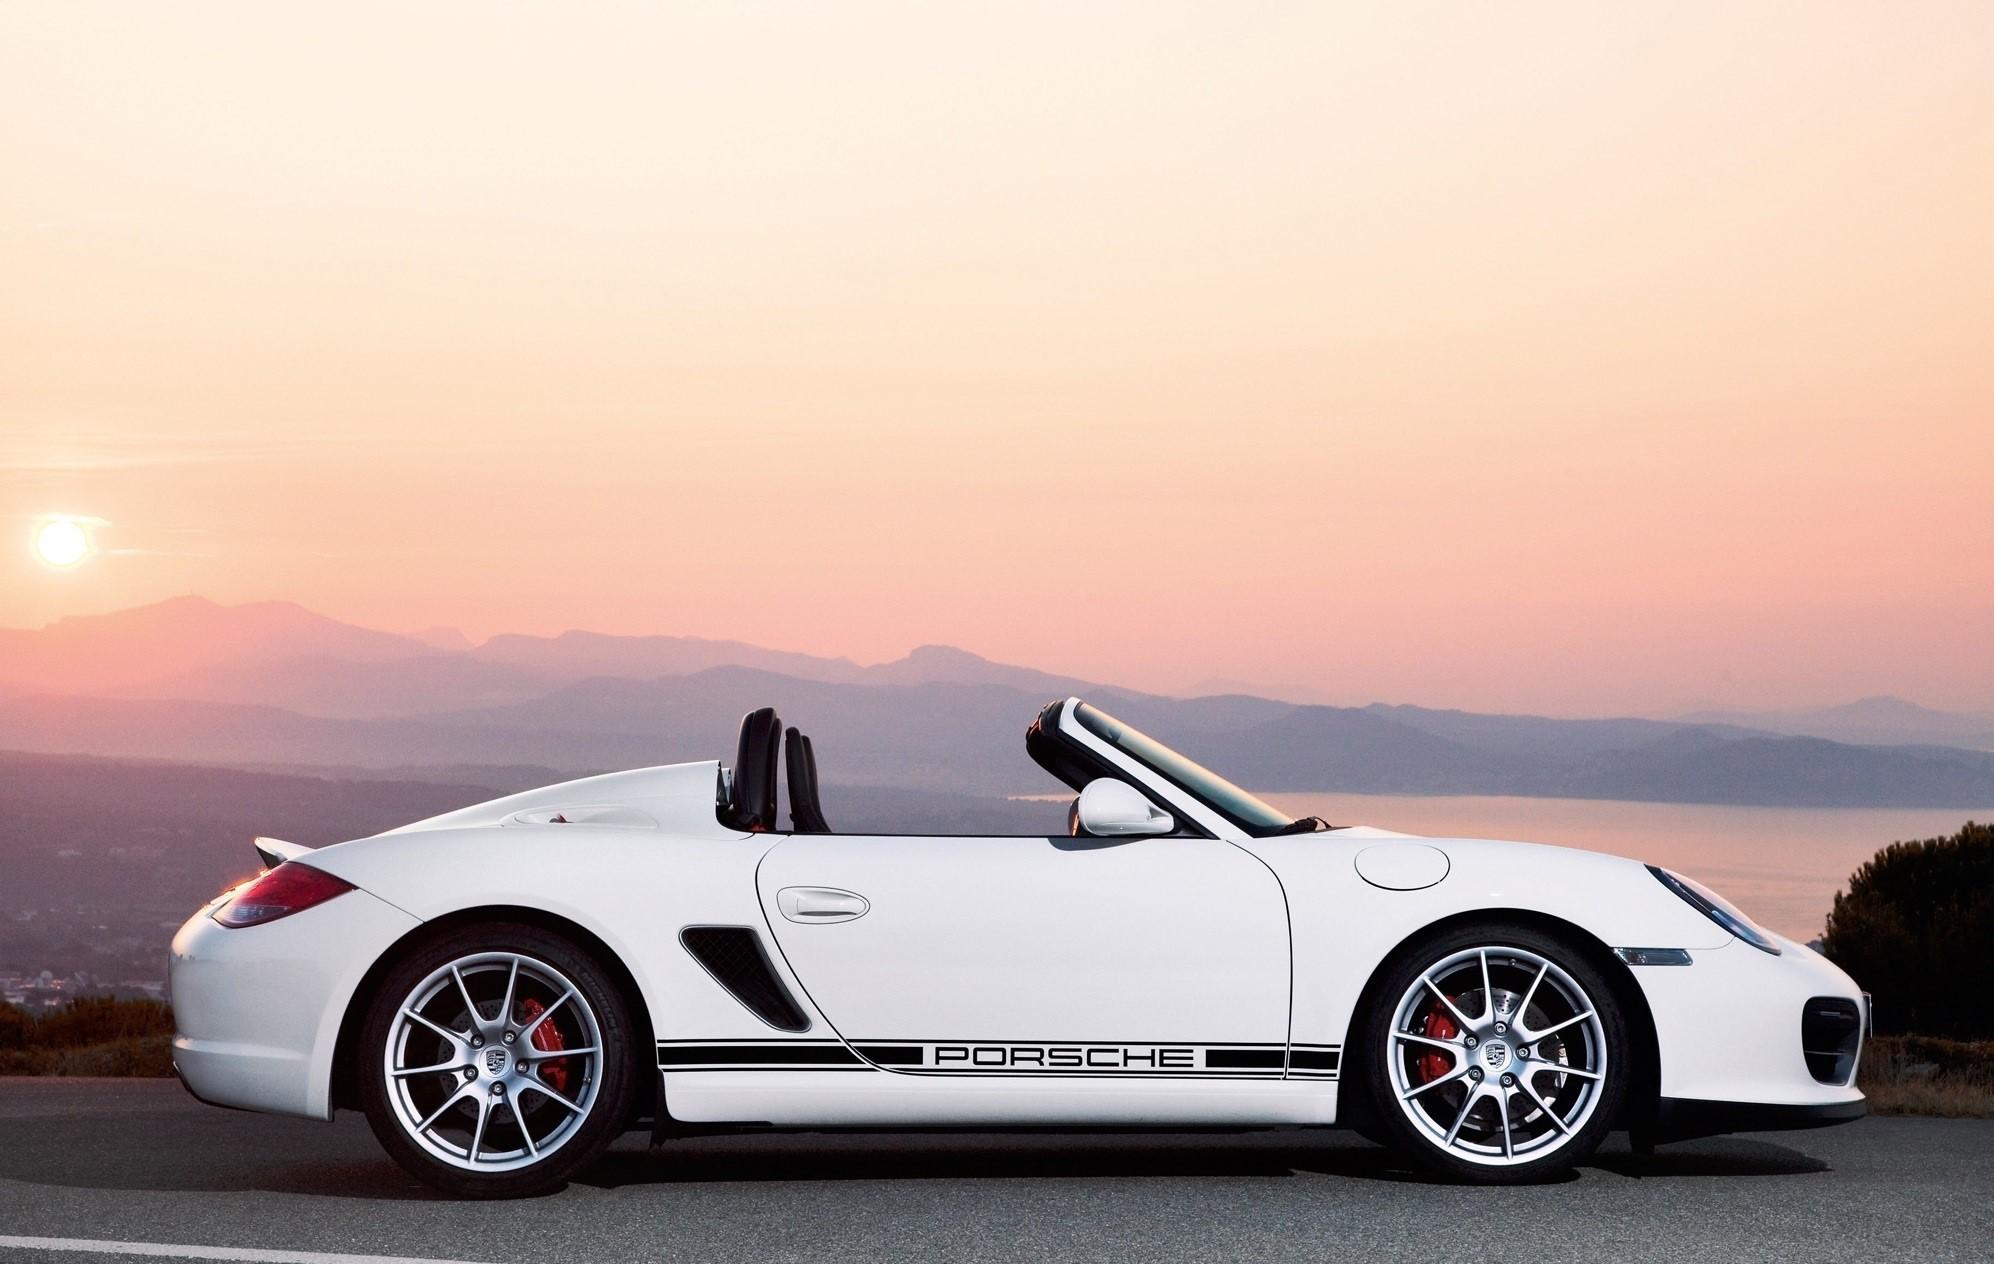 Porsche Boxster Spyder Wallpapers